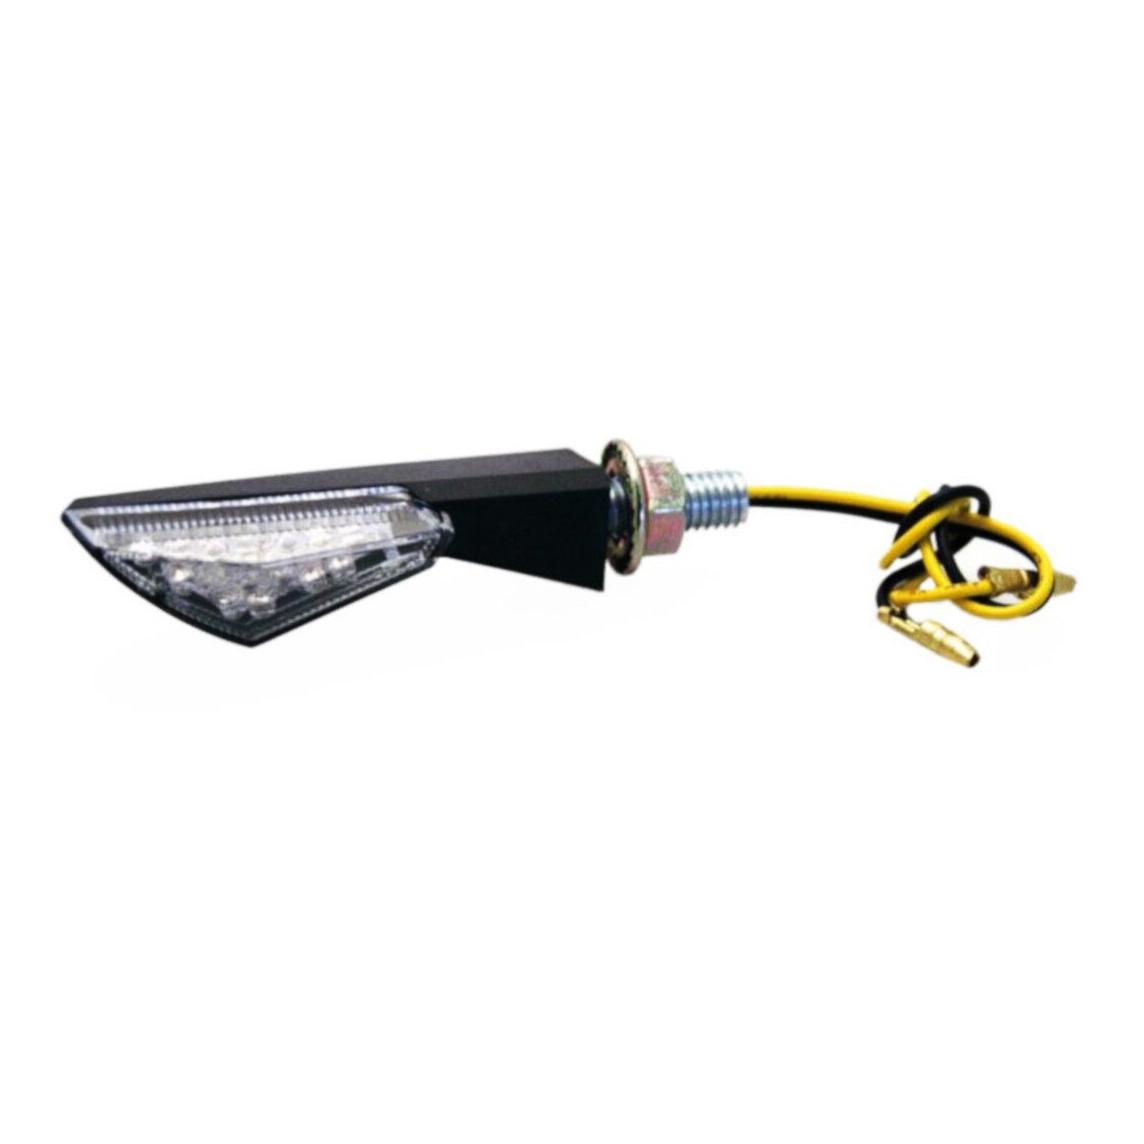 Clignotants Asym noir LED